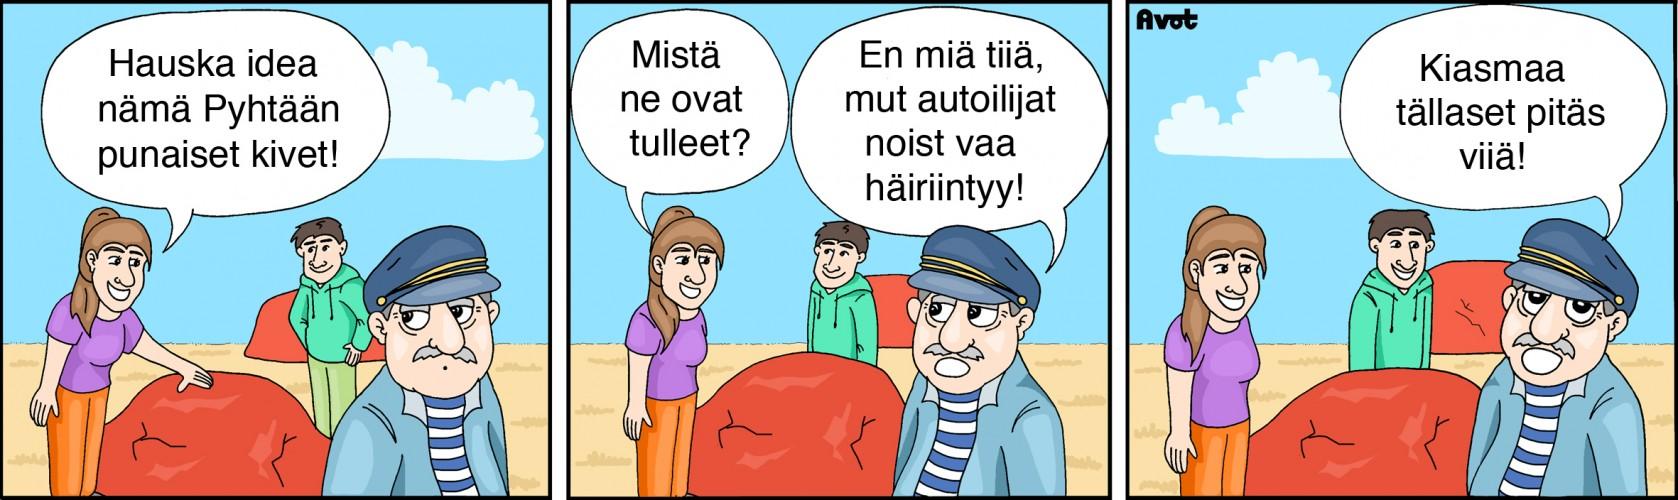 Meijän-Masa-sarjakuva-punaiset-kivet